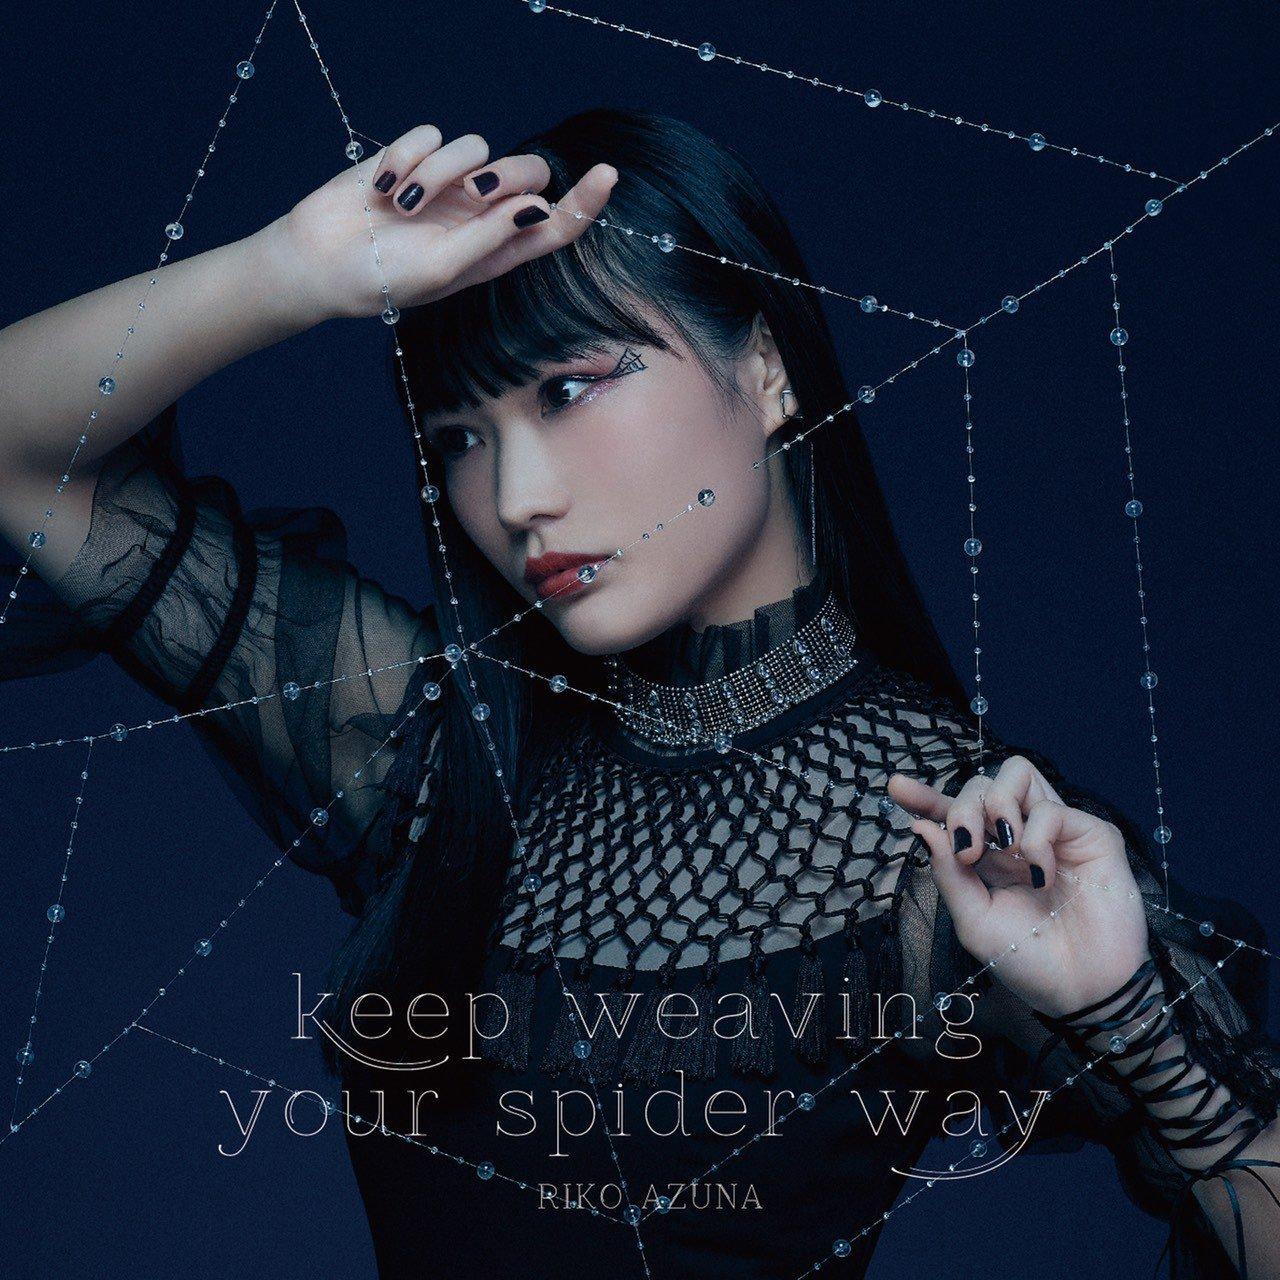 我是蜘蛛又怎样OP片头曲「keep weaving your spider way」下载 安月名莉子 动漫音乐